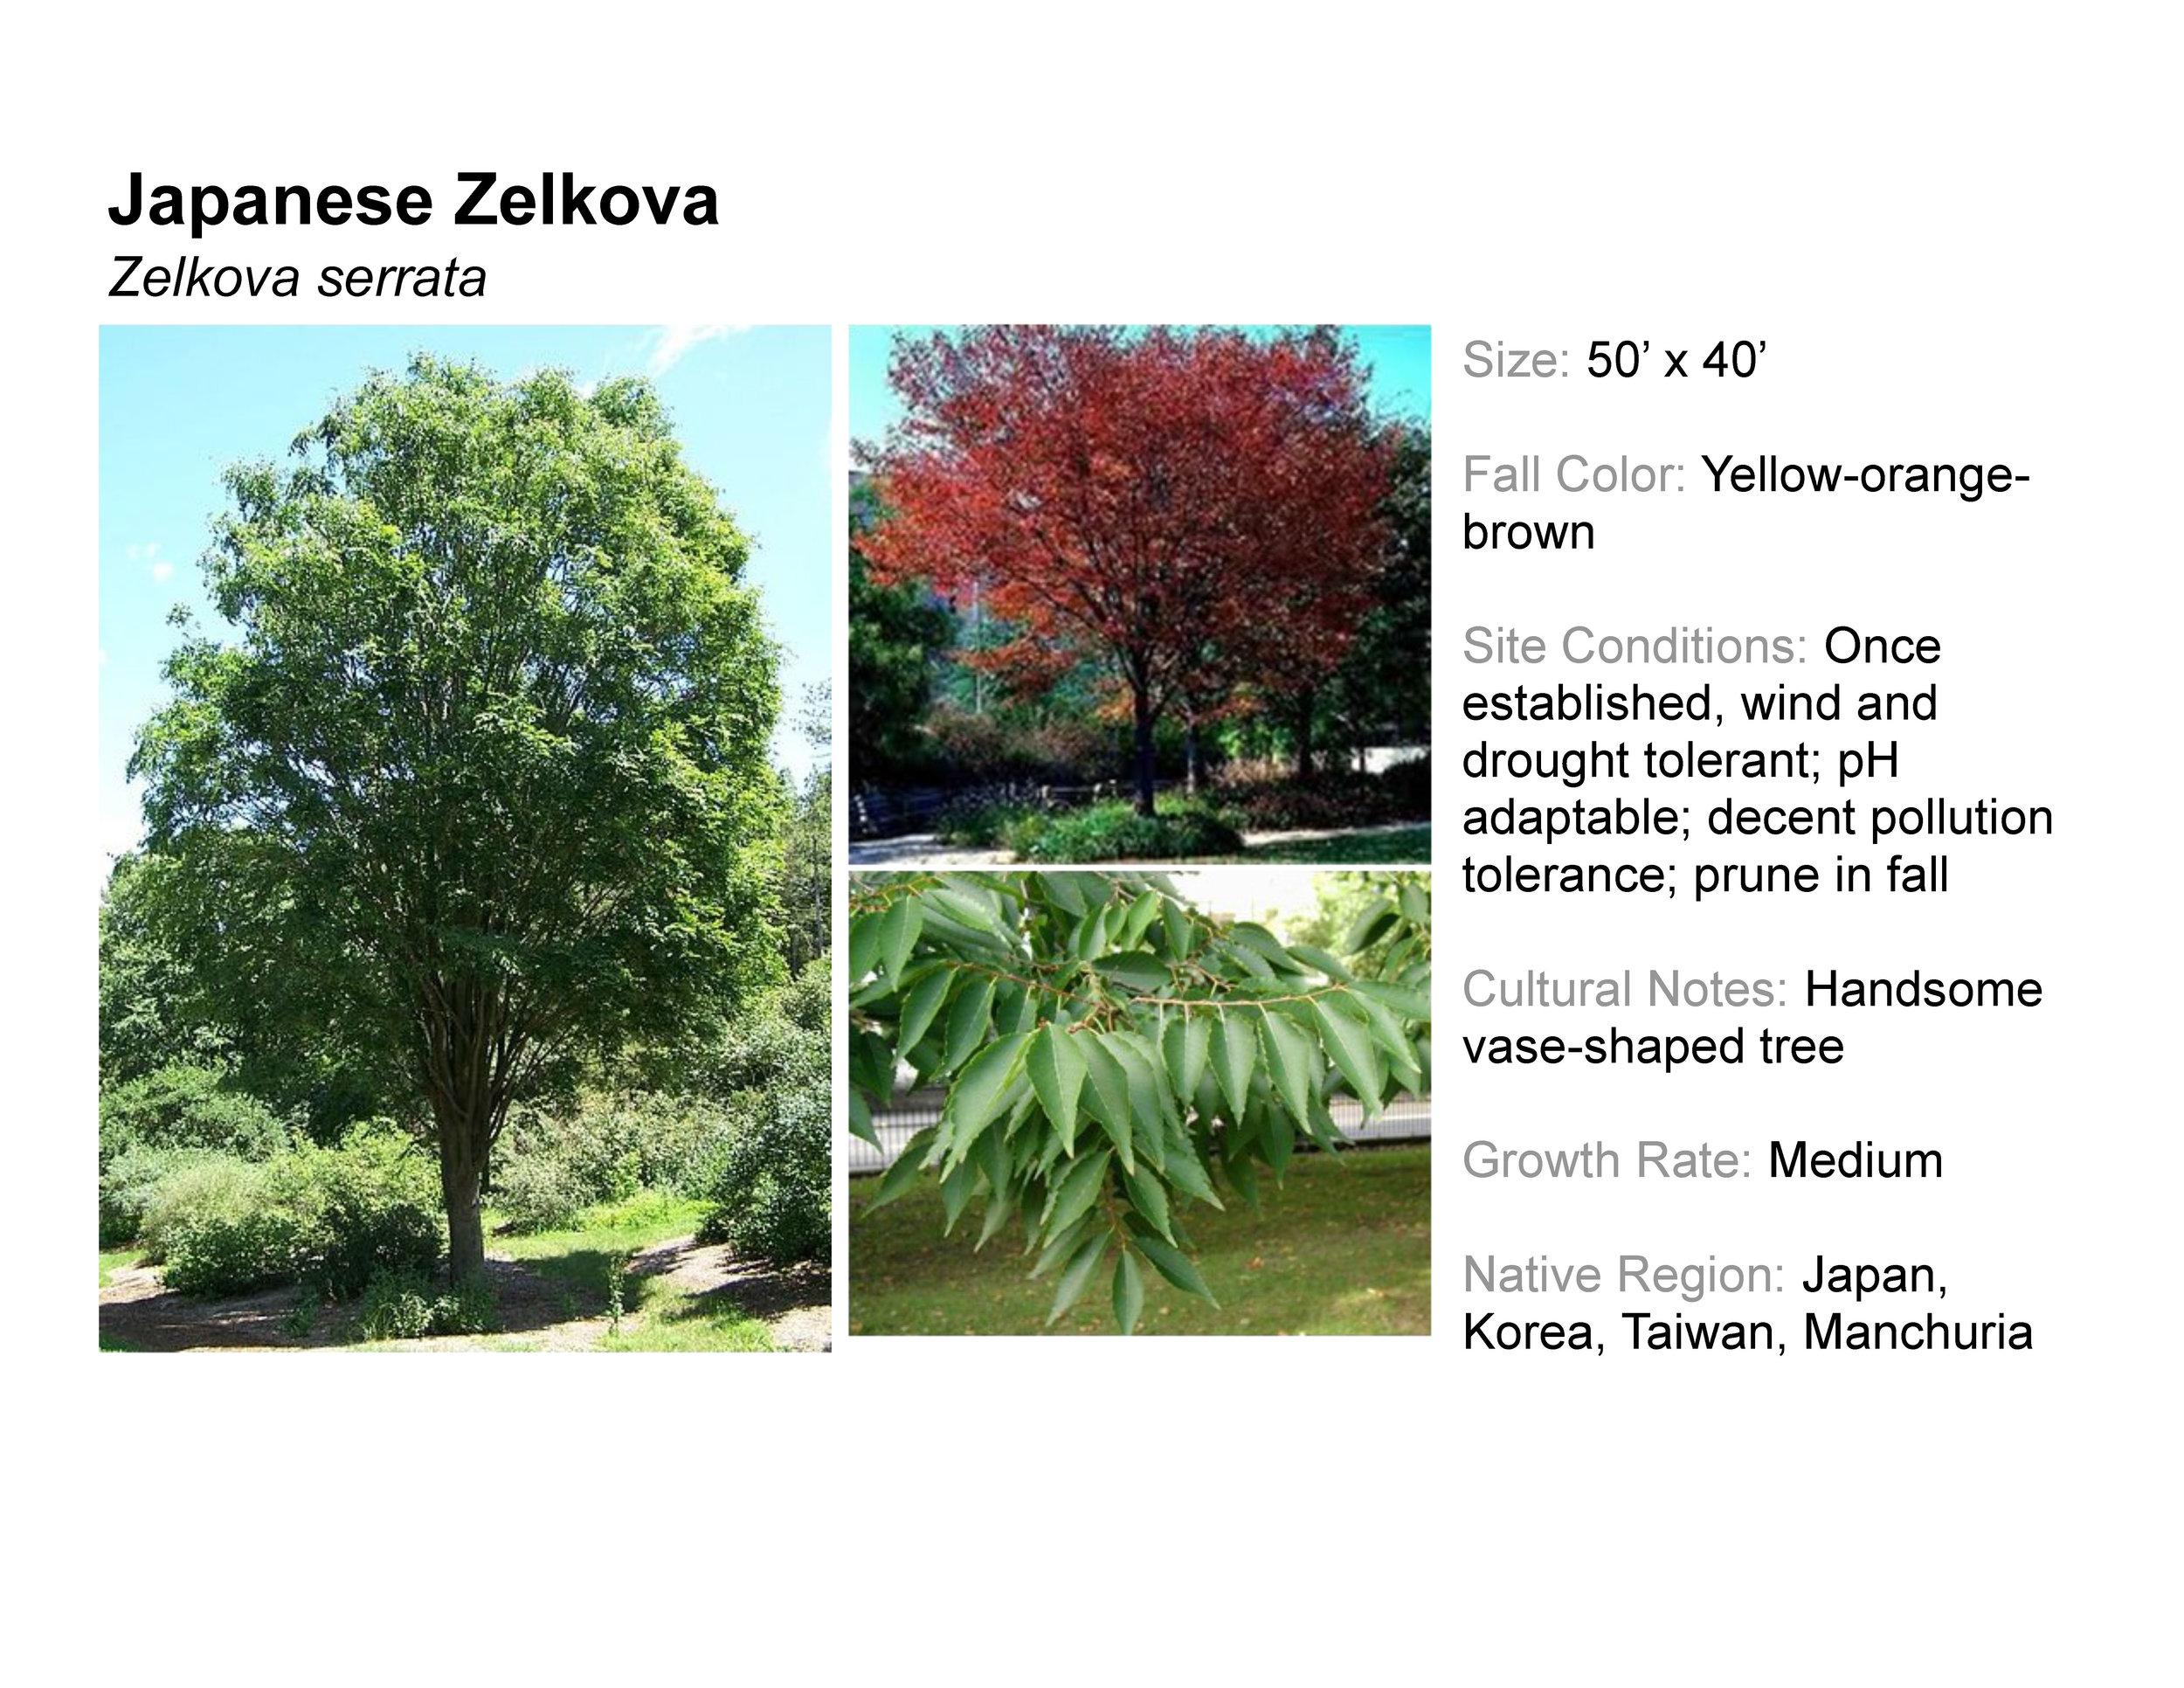 Japanese Zelkova